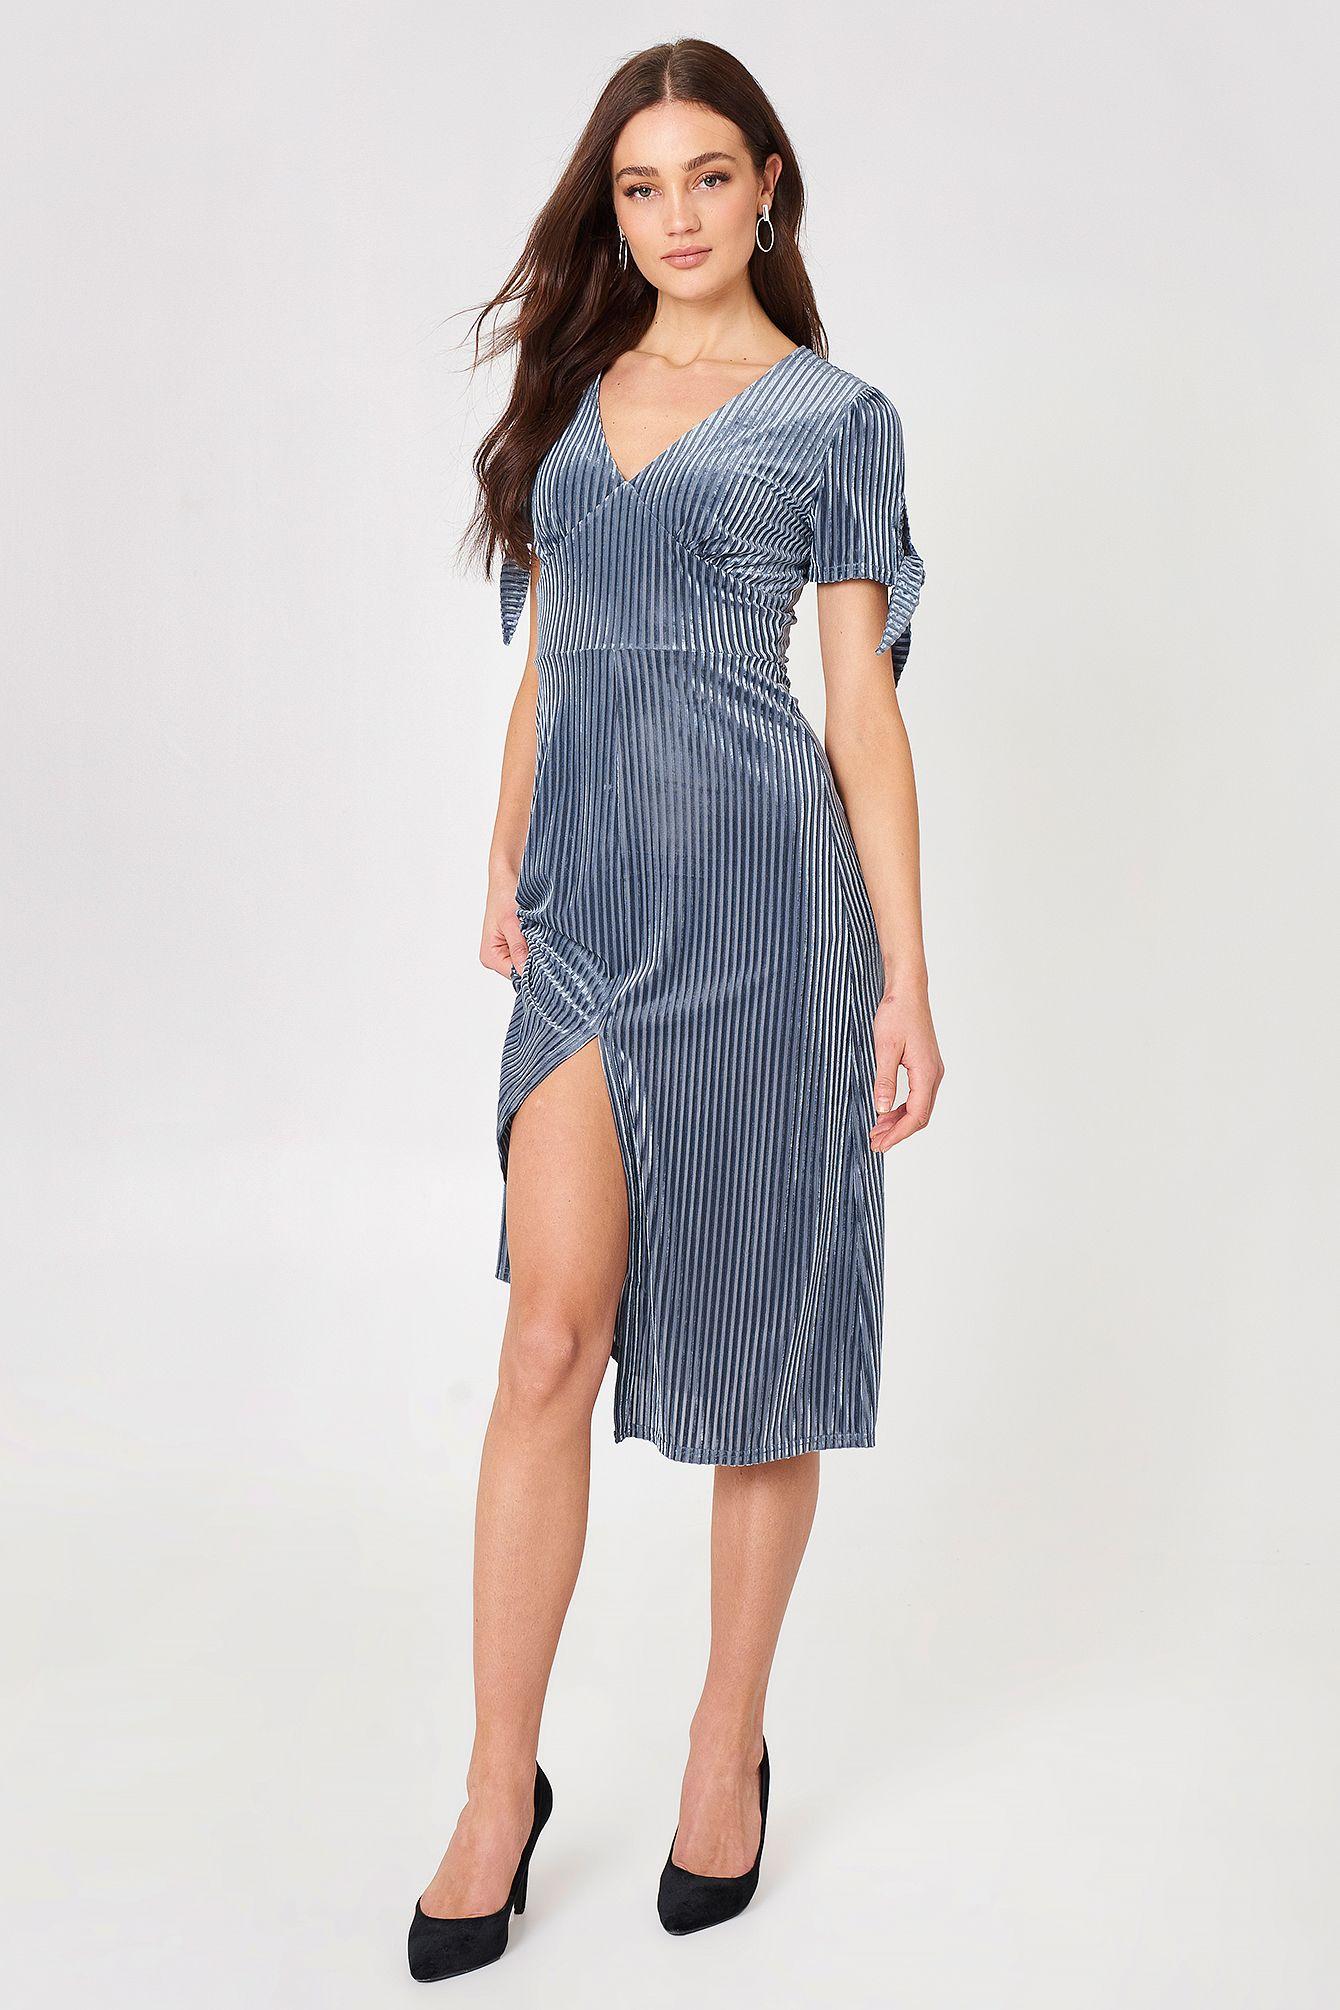 [+] Joa Dresses